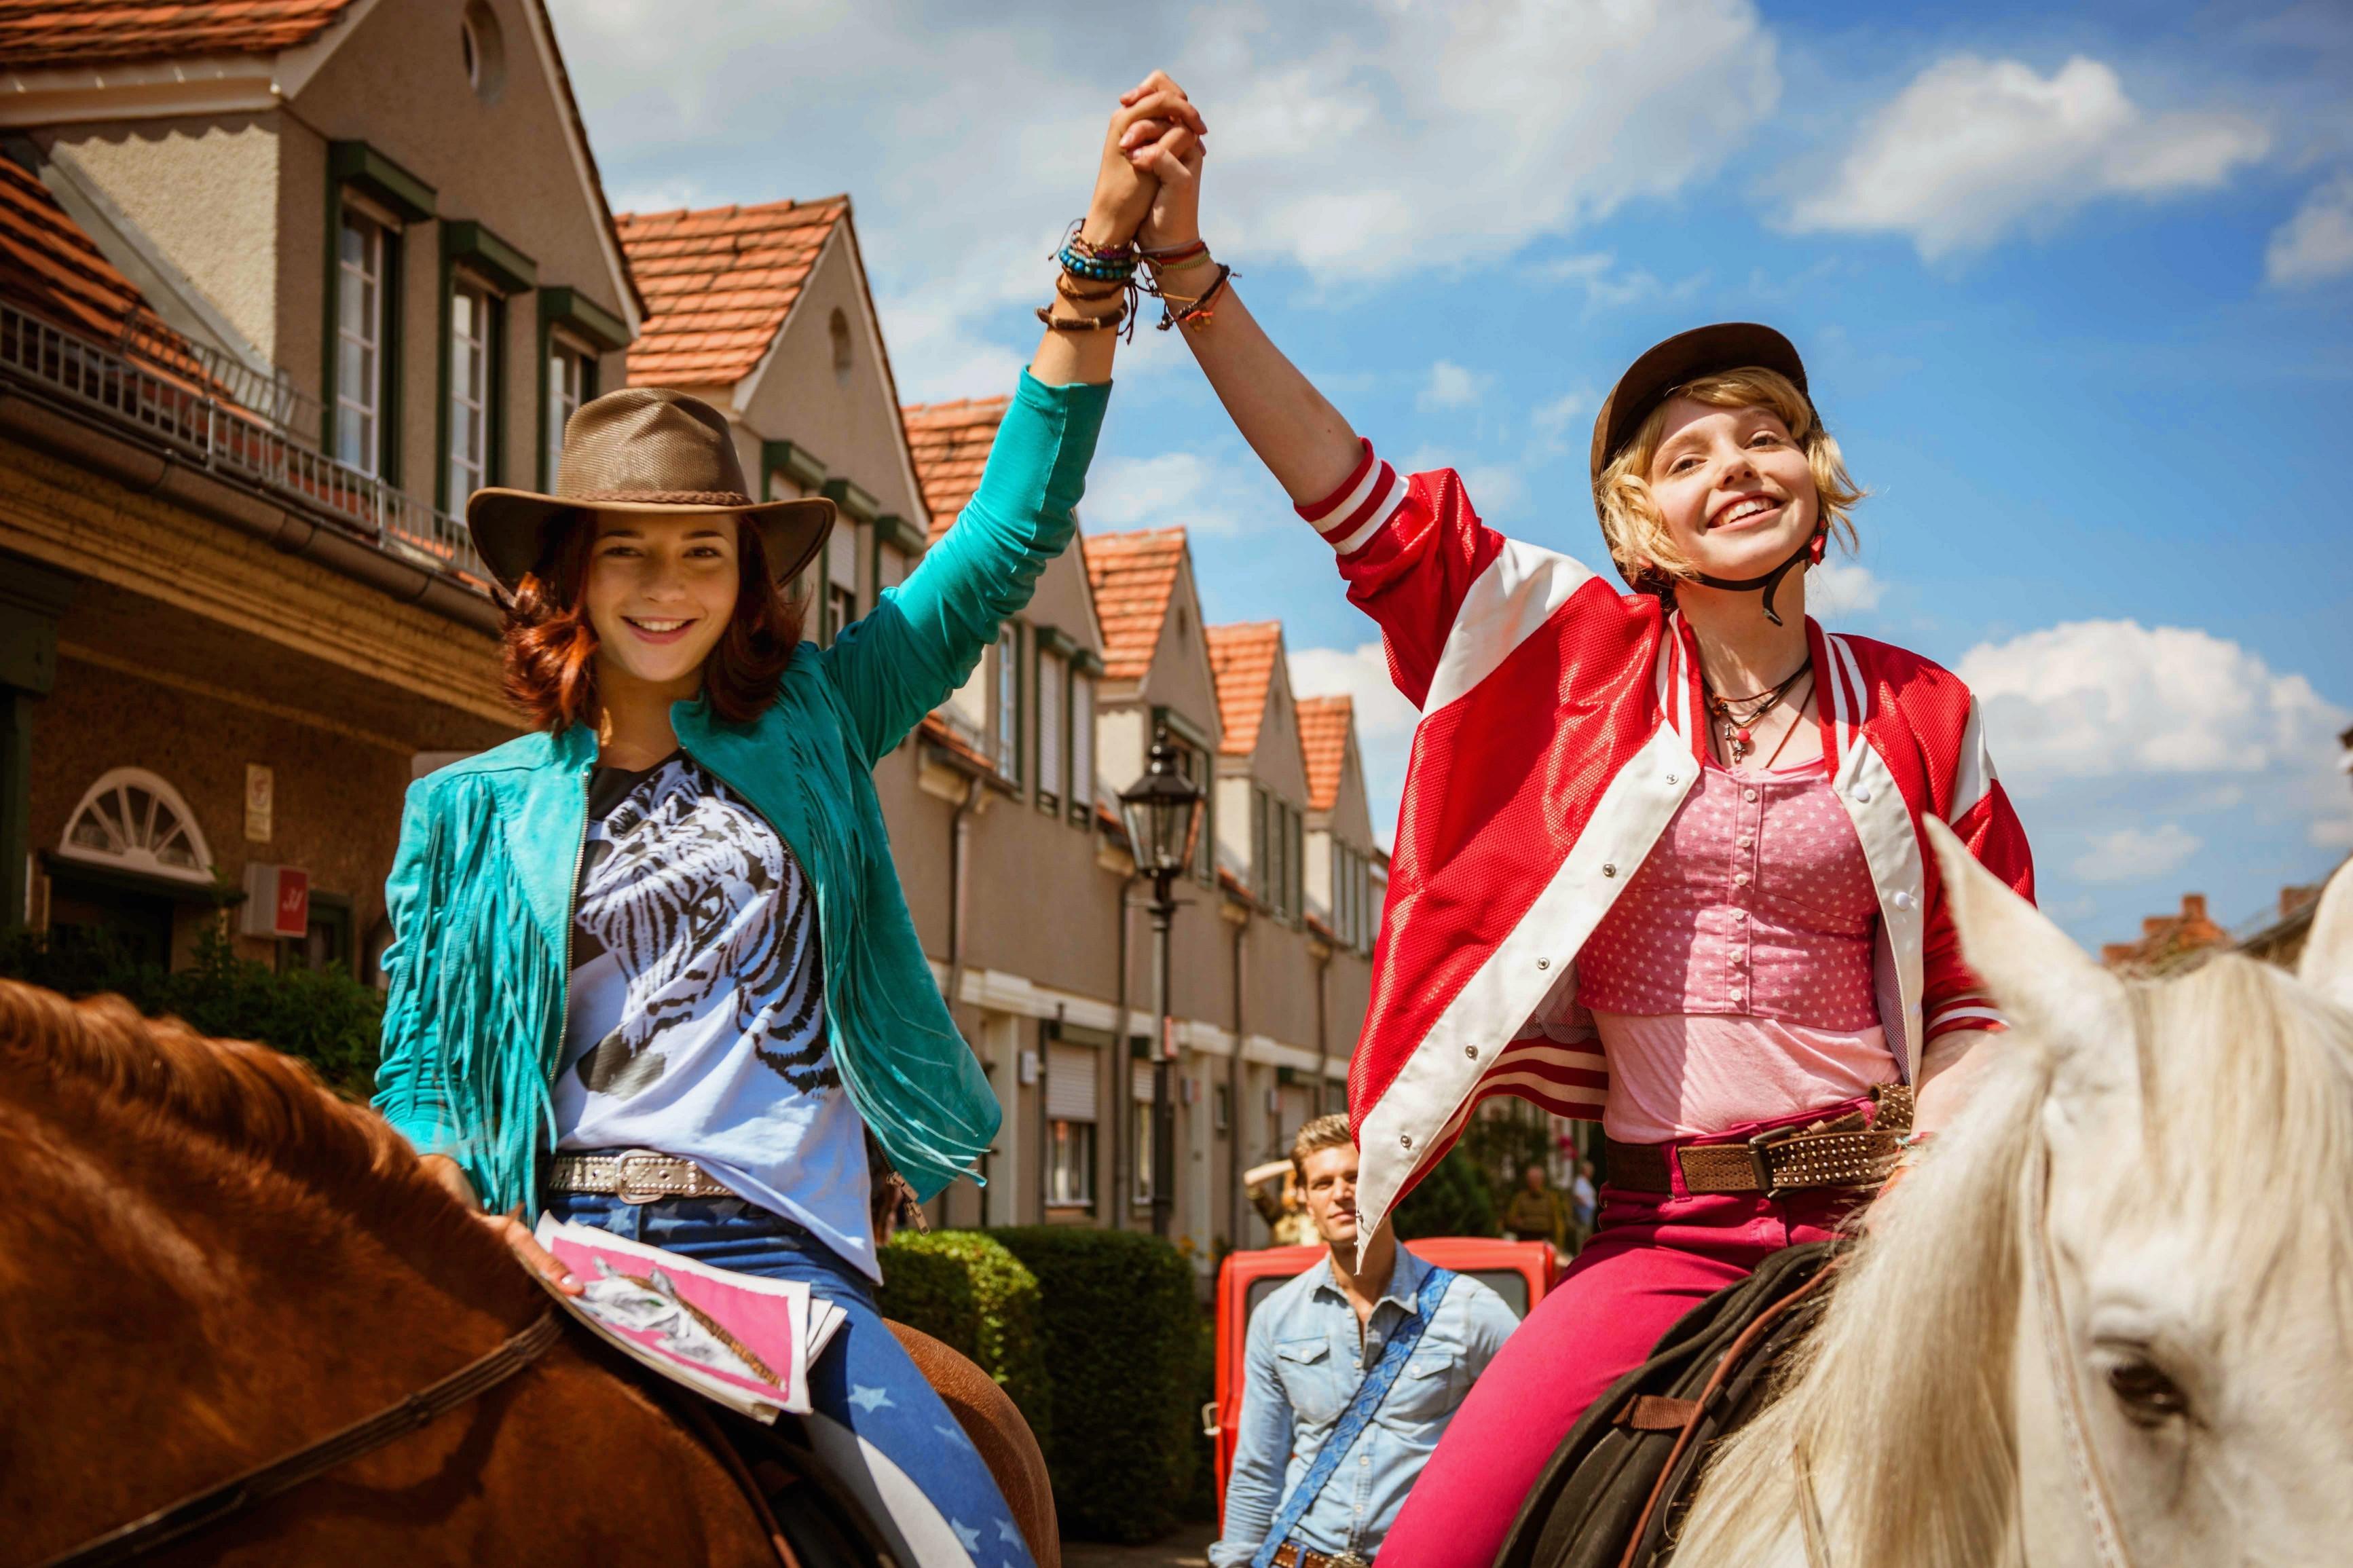 Bibi Und Tina Zdf Mediathek Inspirierend Eine Sammlung Von Färbung Bilder Bibi Und Tina Ausmalbild Bild